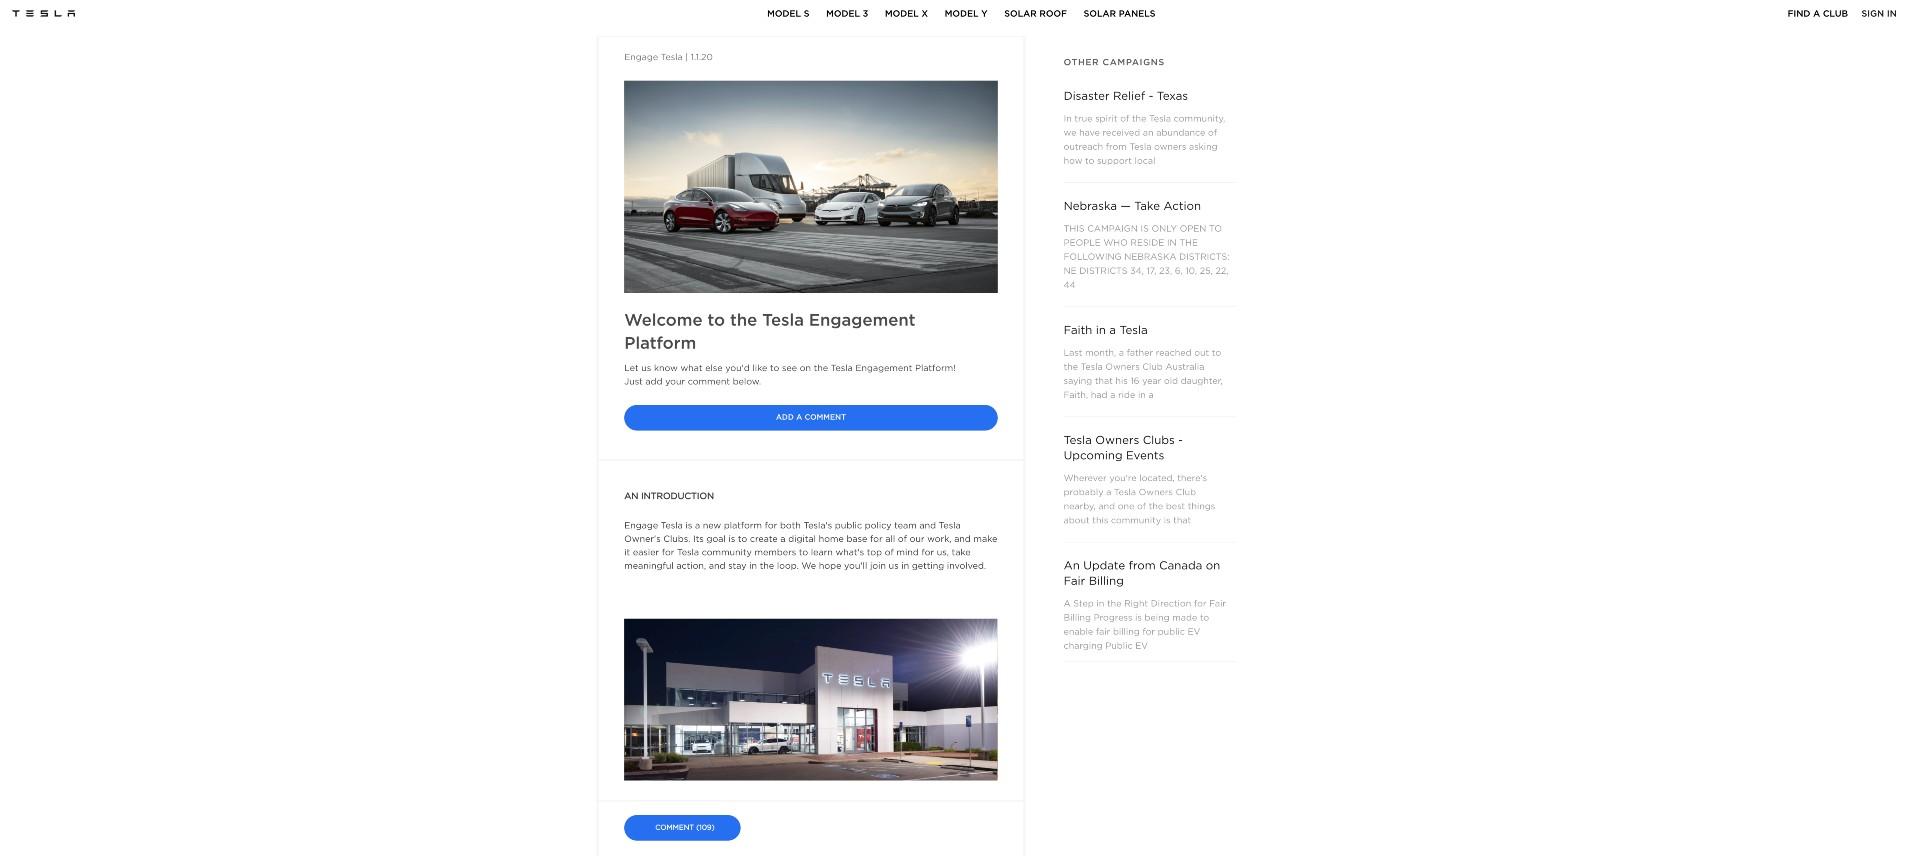 tesla-engage-platform-website